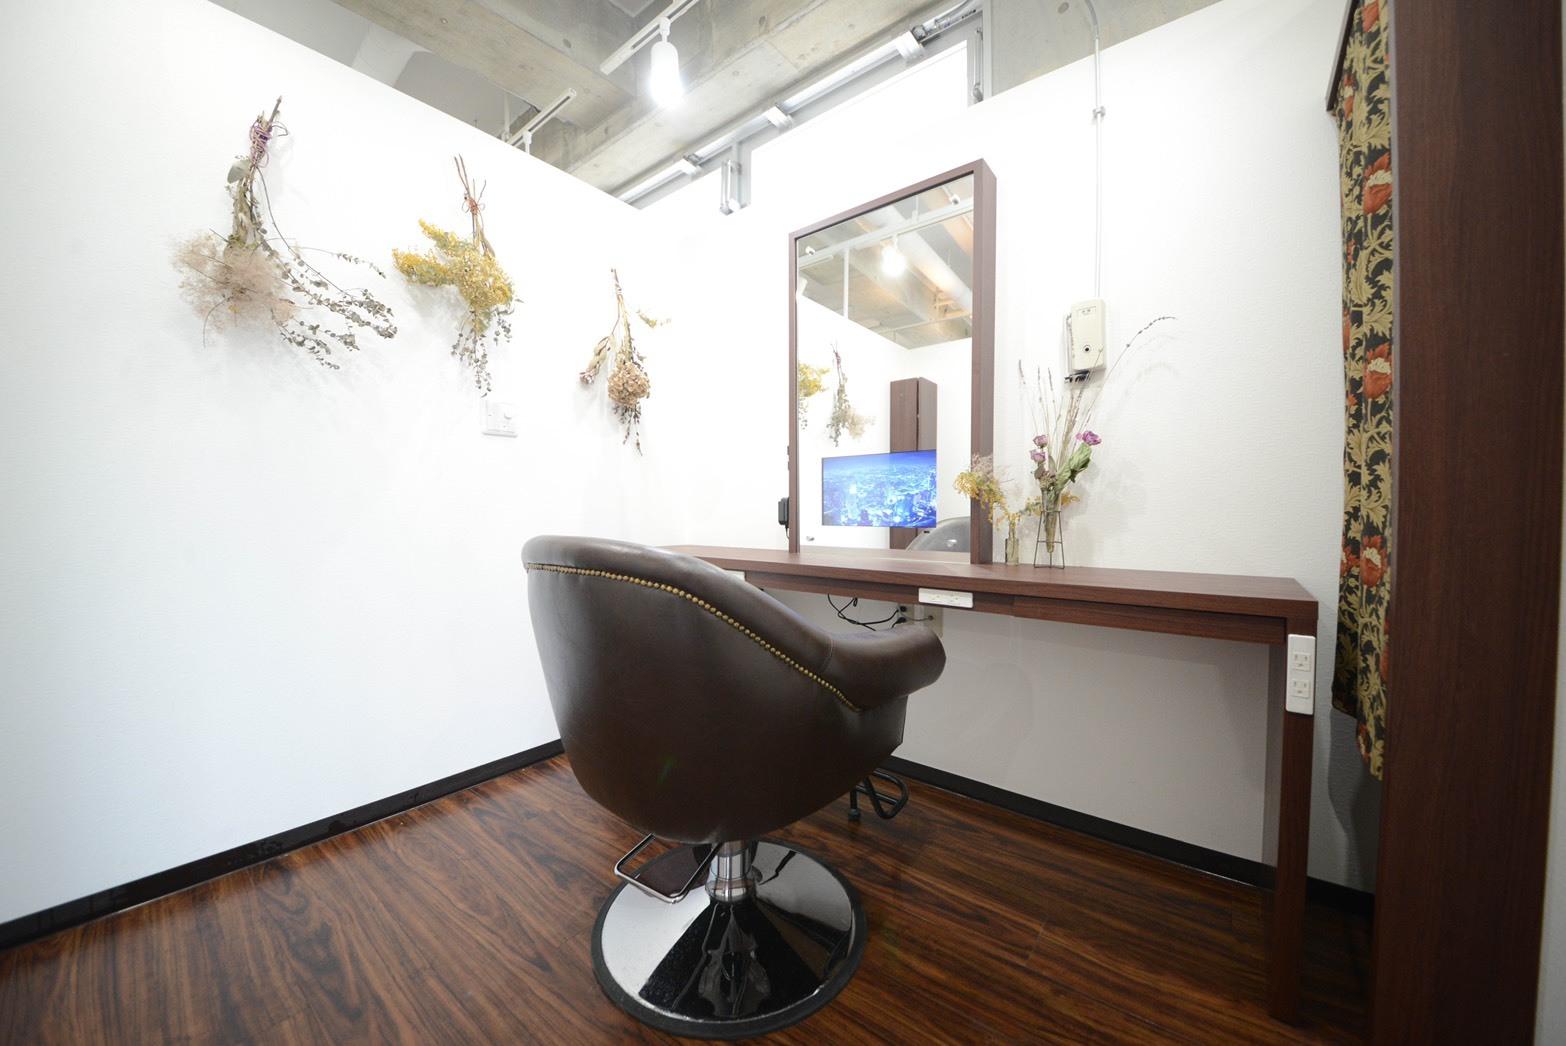 個室の広さは通常の美容室の2倍!心から寛げる自慢の空間